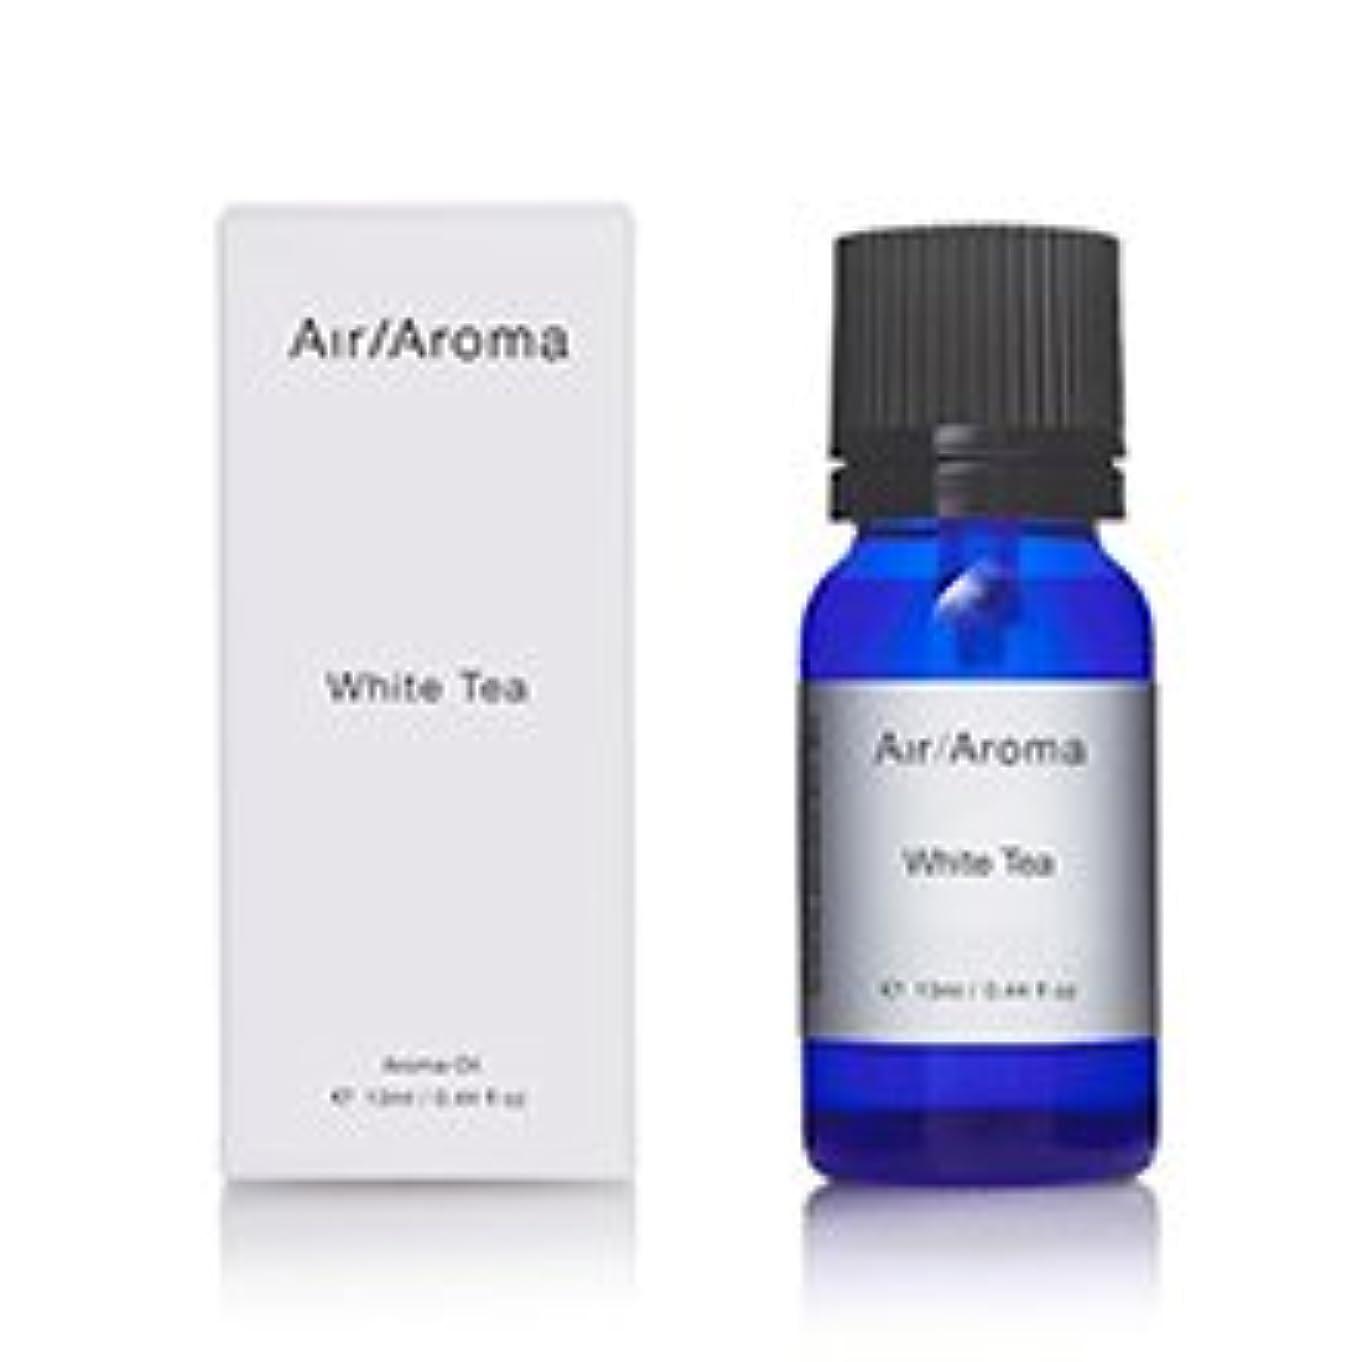 裏切り者イライラする終了しましたエアアロマ White Tea (ホワイトティー) 13ml